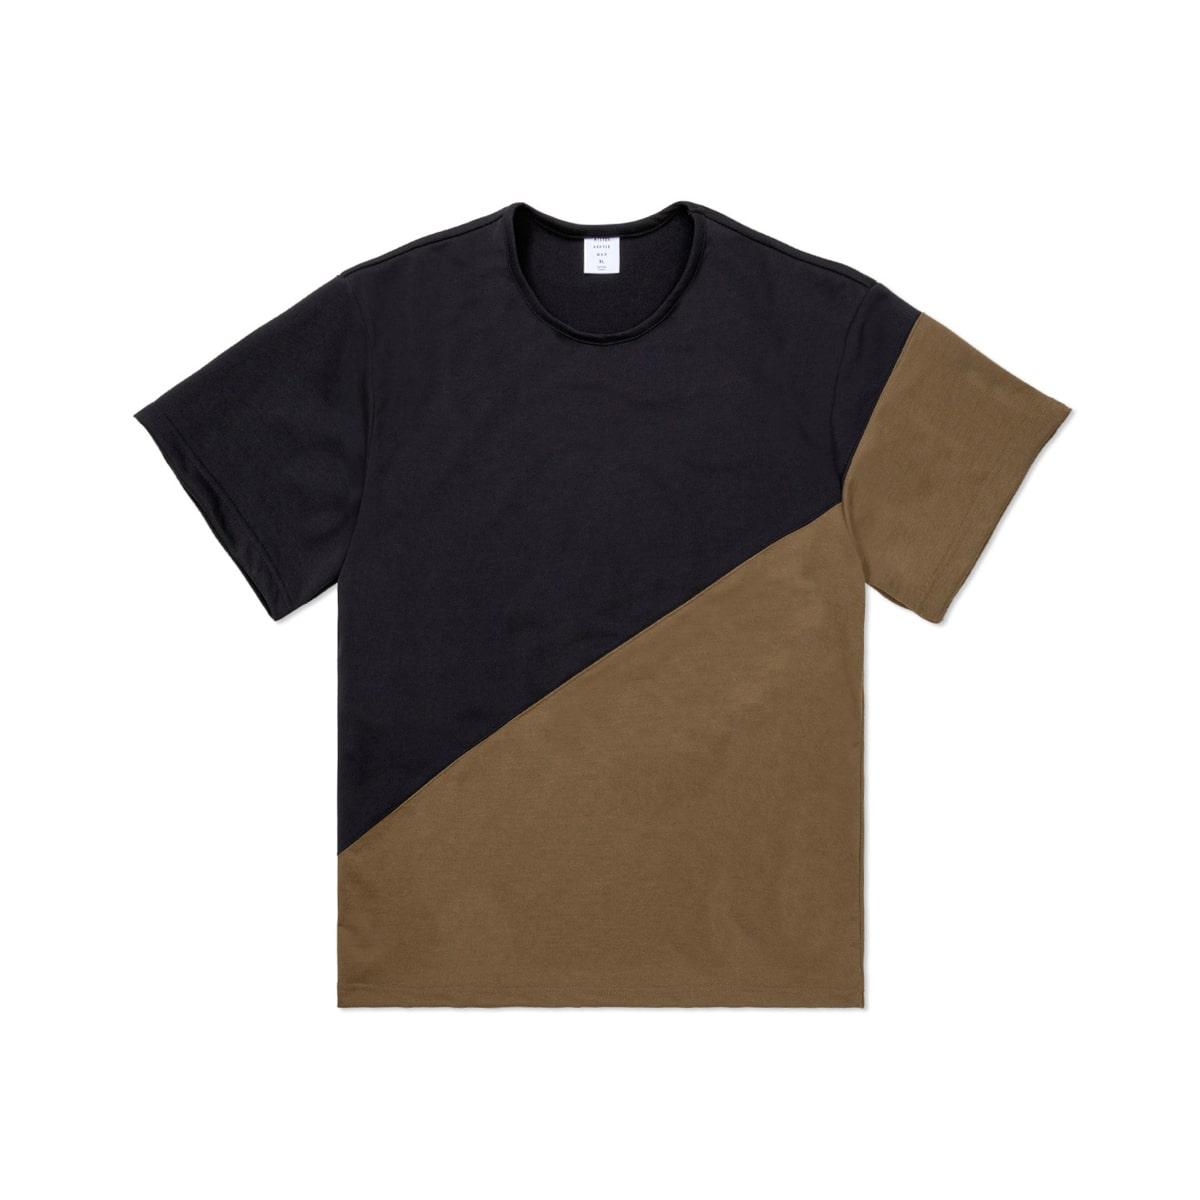 トップス, Tシャツ・カットソー MISTERGENTLEMAN BIAS CUT BIG TEE (3) MGS-CS14 T T